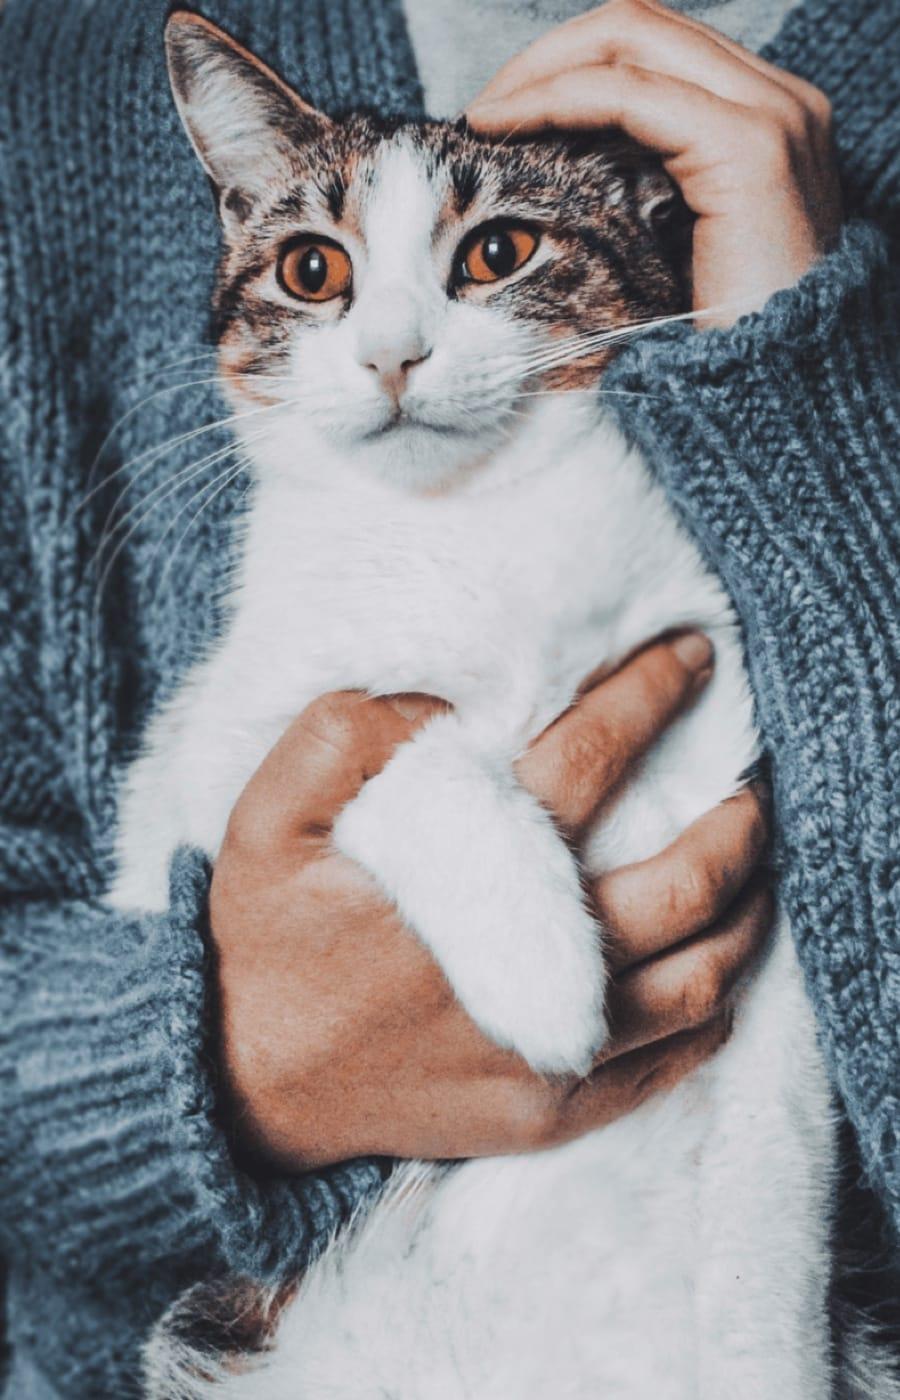 Maxi cat